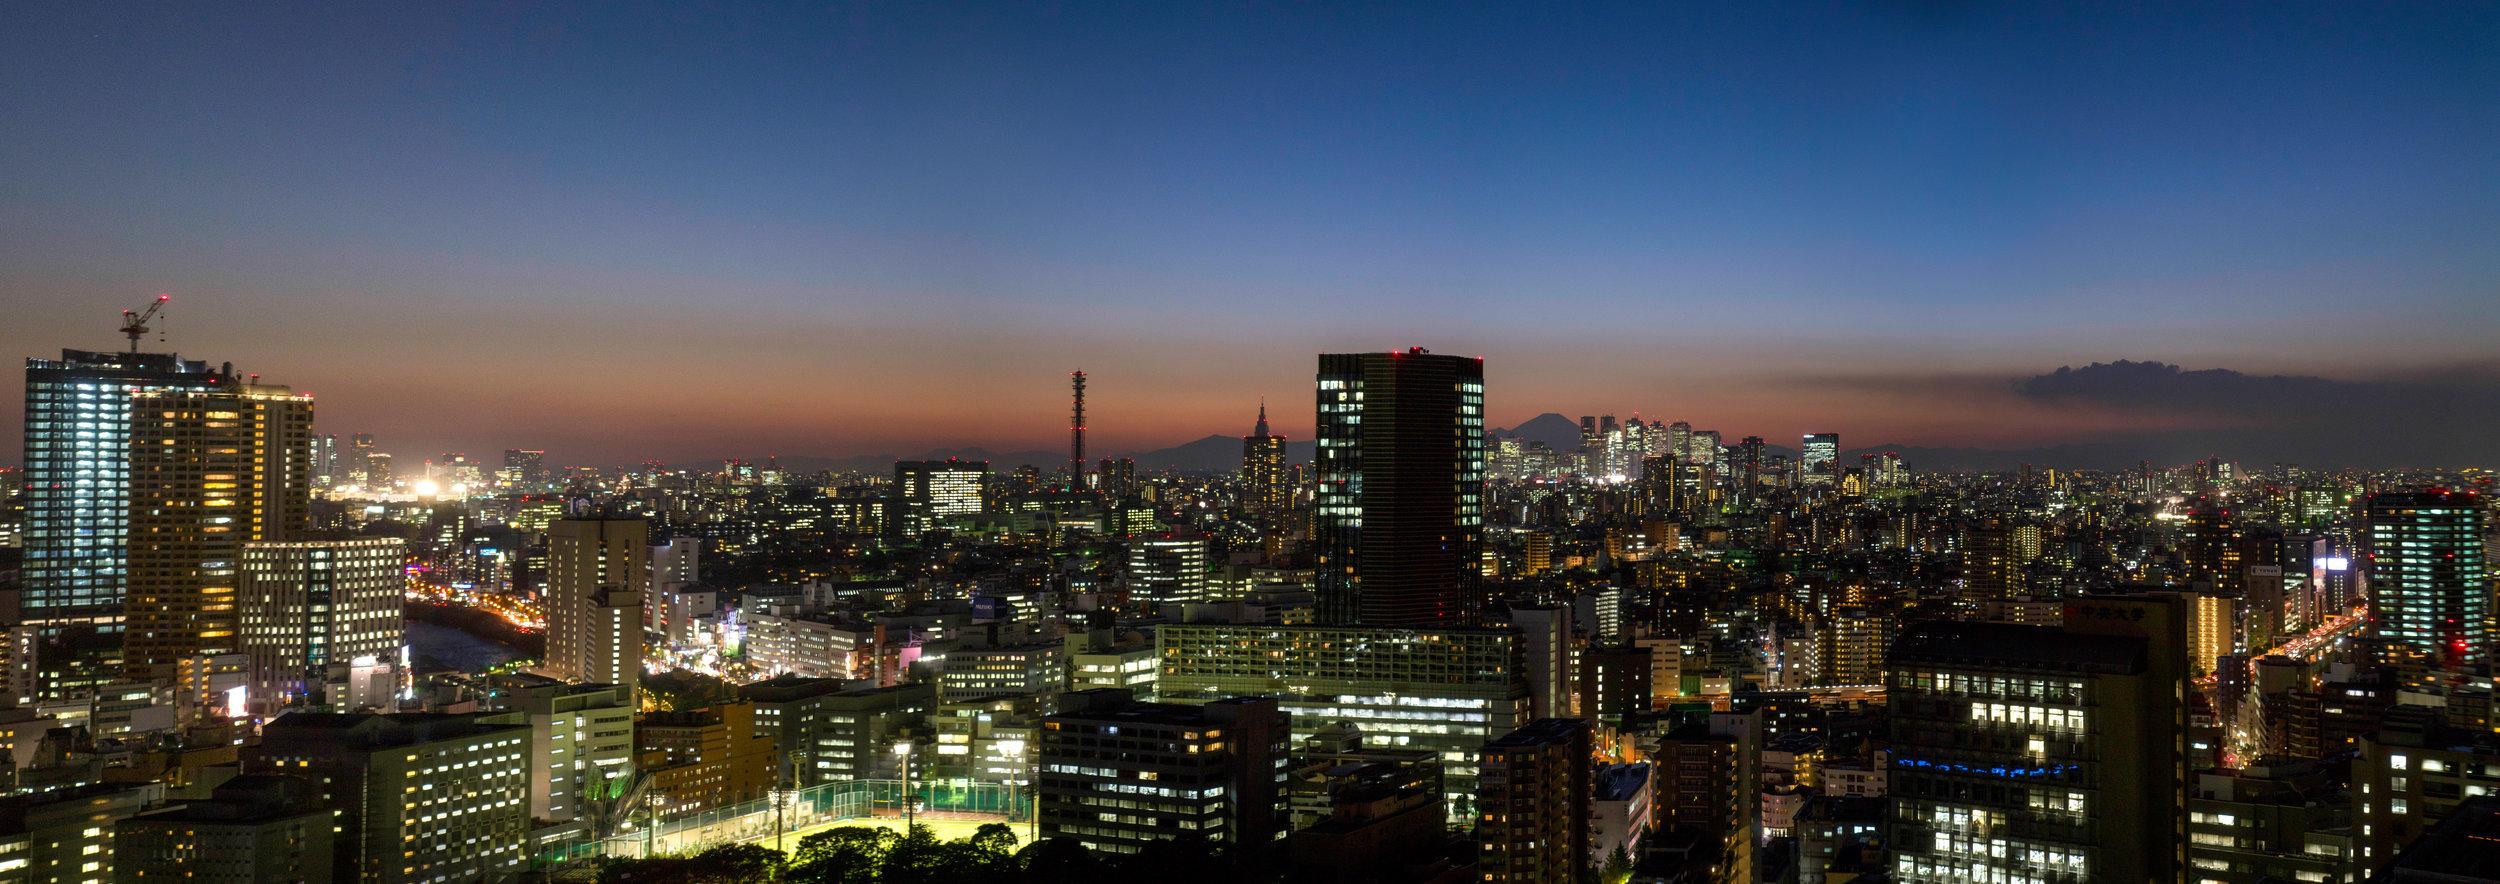 Tokyo Civic Pano-2.jpg